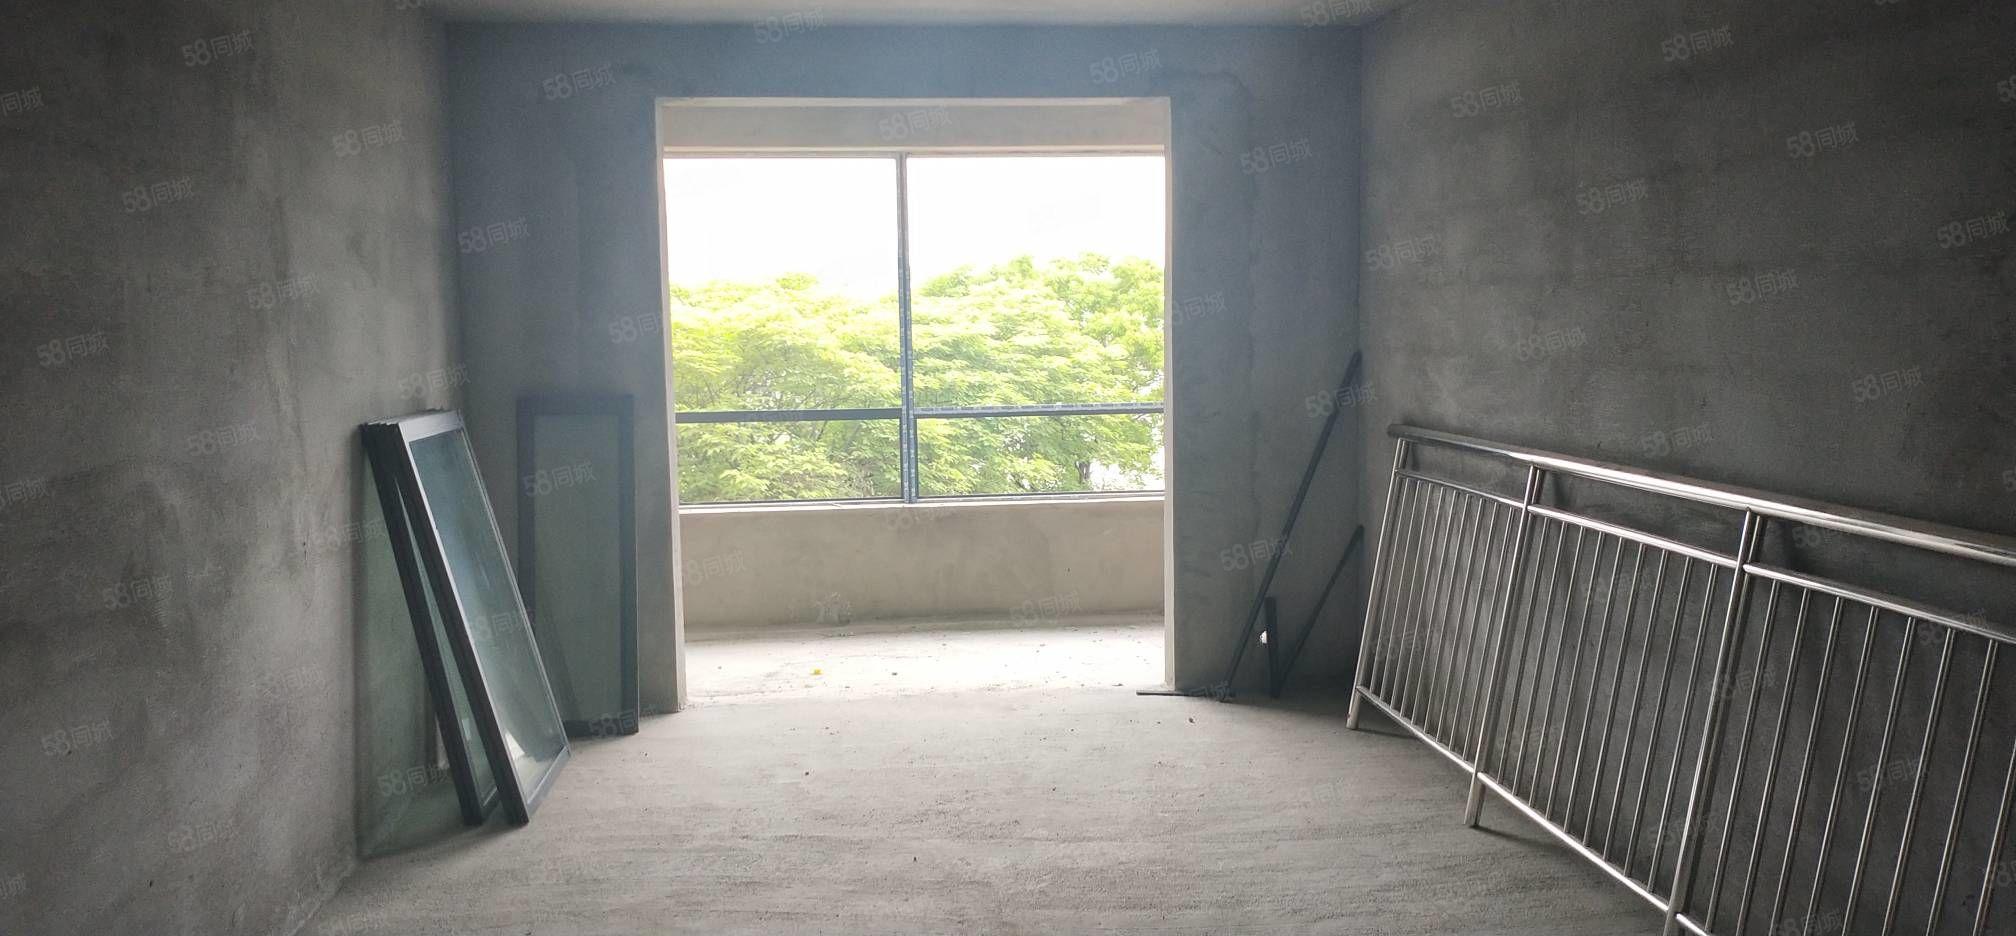 和諧錦都,三室兩廳,南北通透,采光很好,車位,報價78萬。